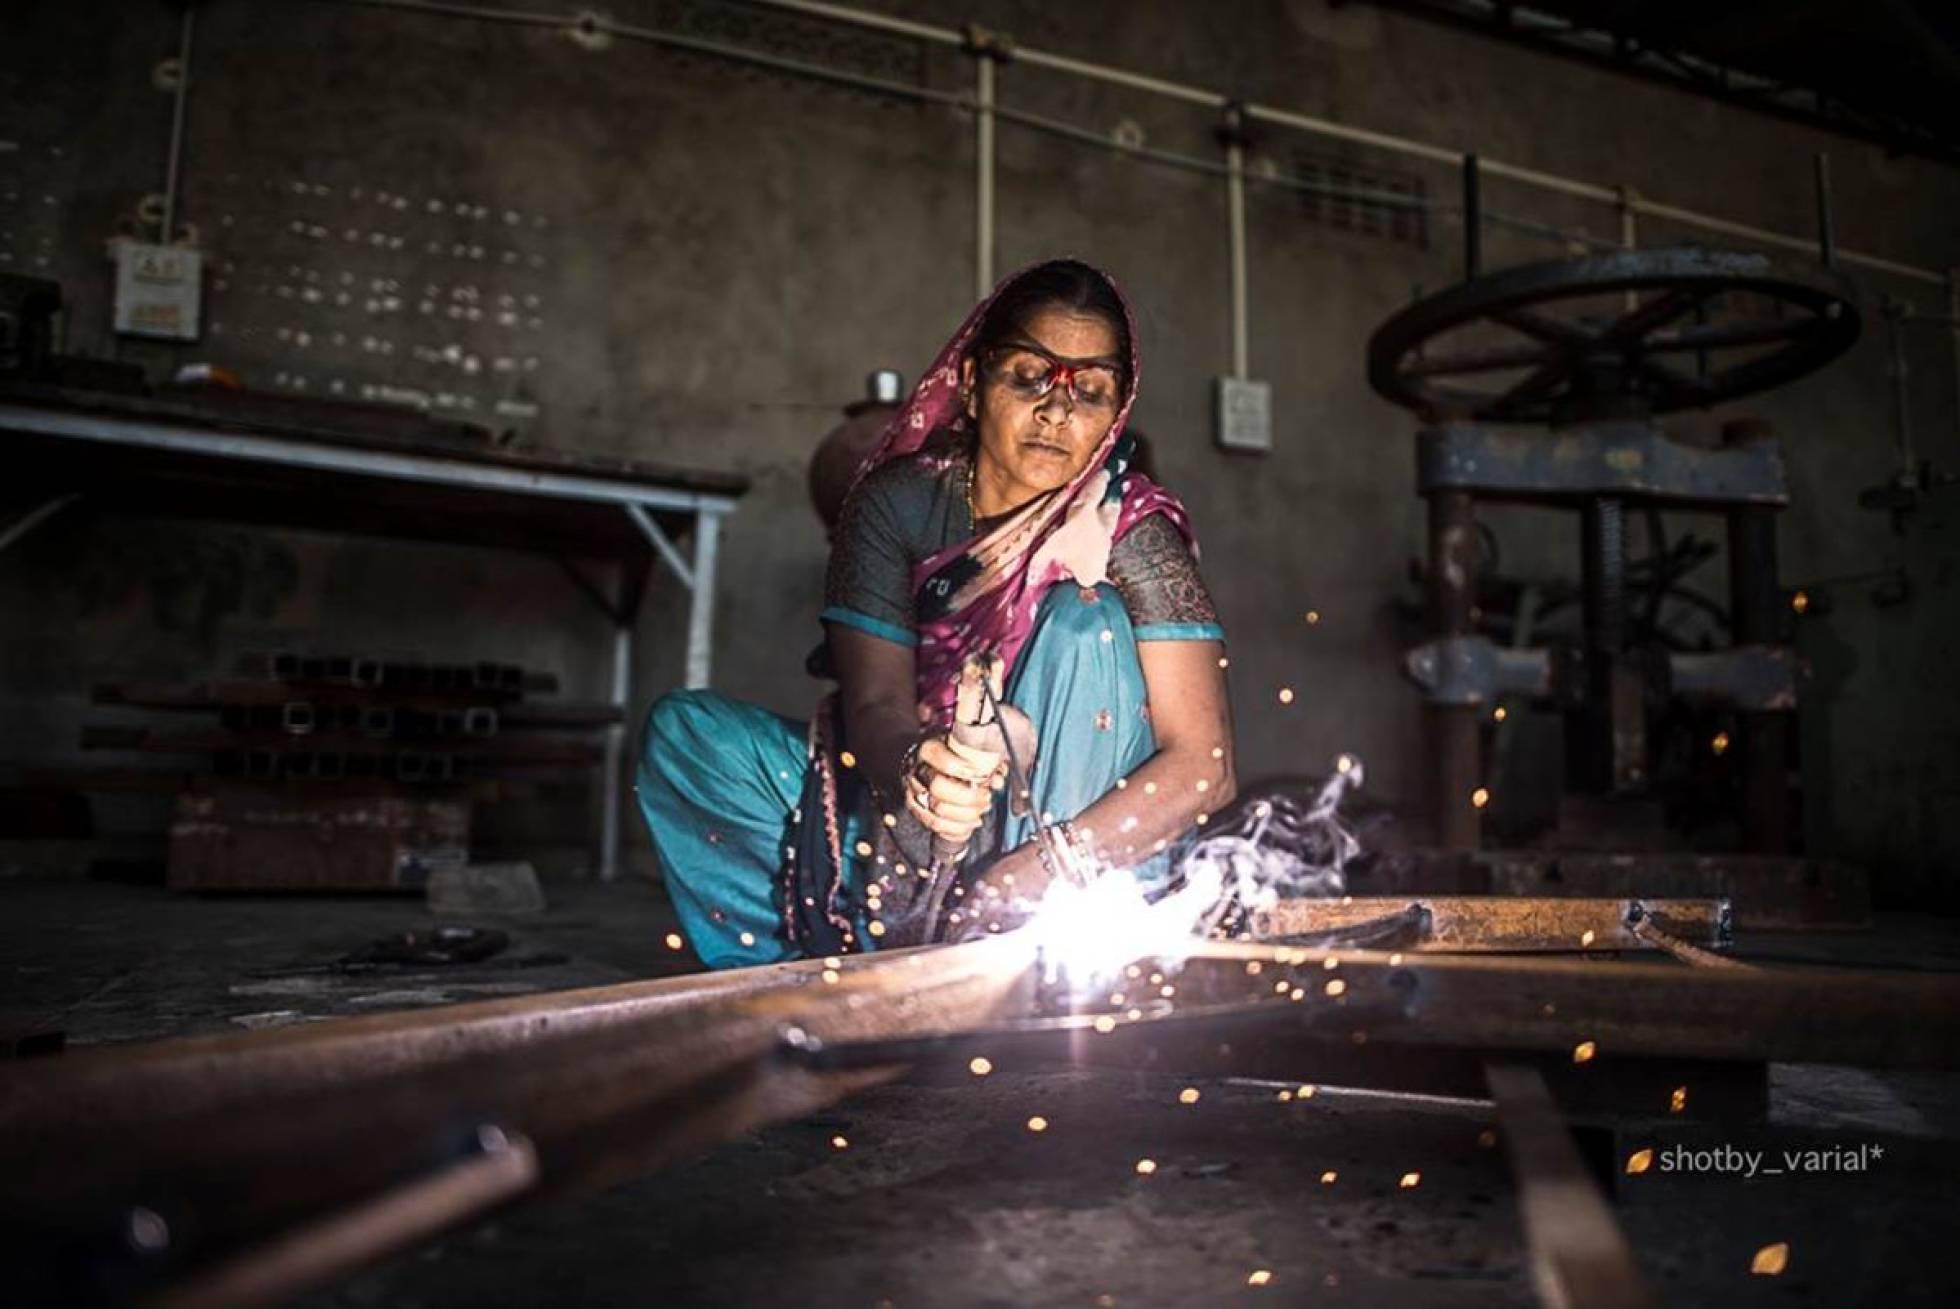 Así contribuye la abogacía a mejorar la vida de las mujeres de aldeas aisladas